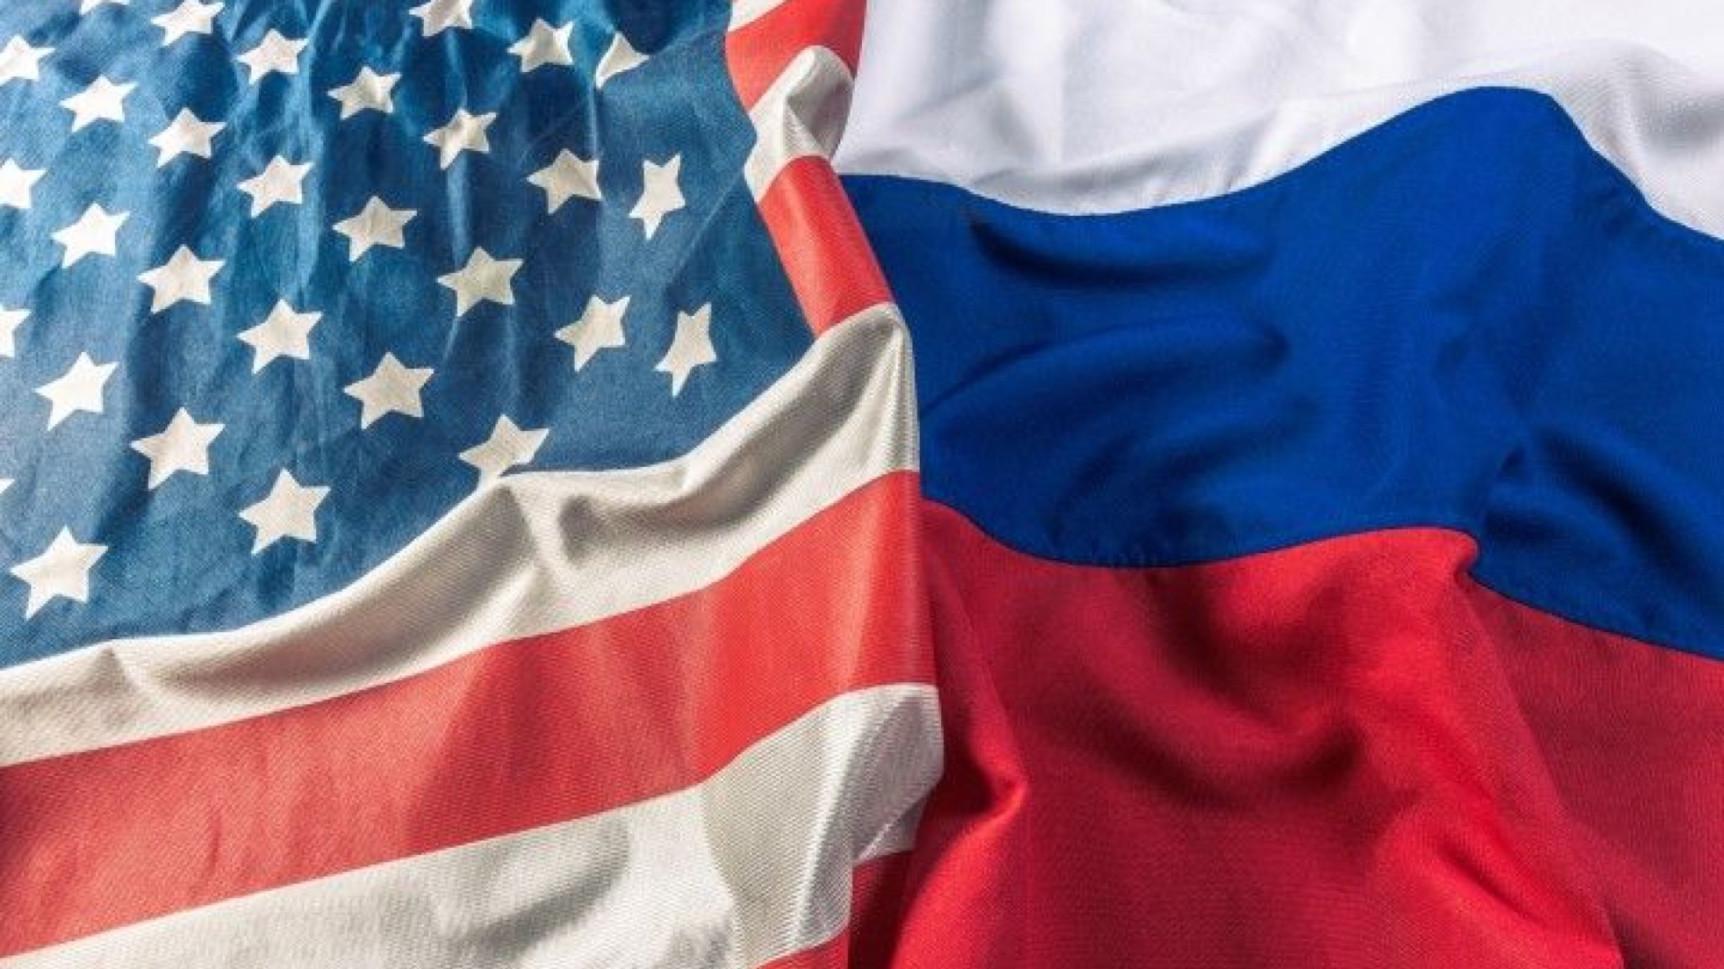 Сделано в США vs Сделано в России